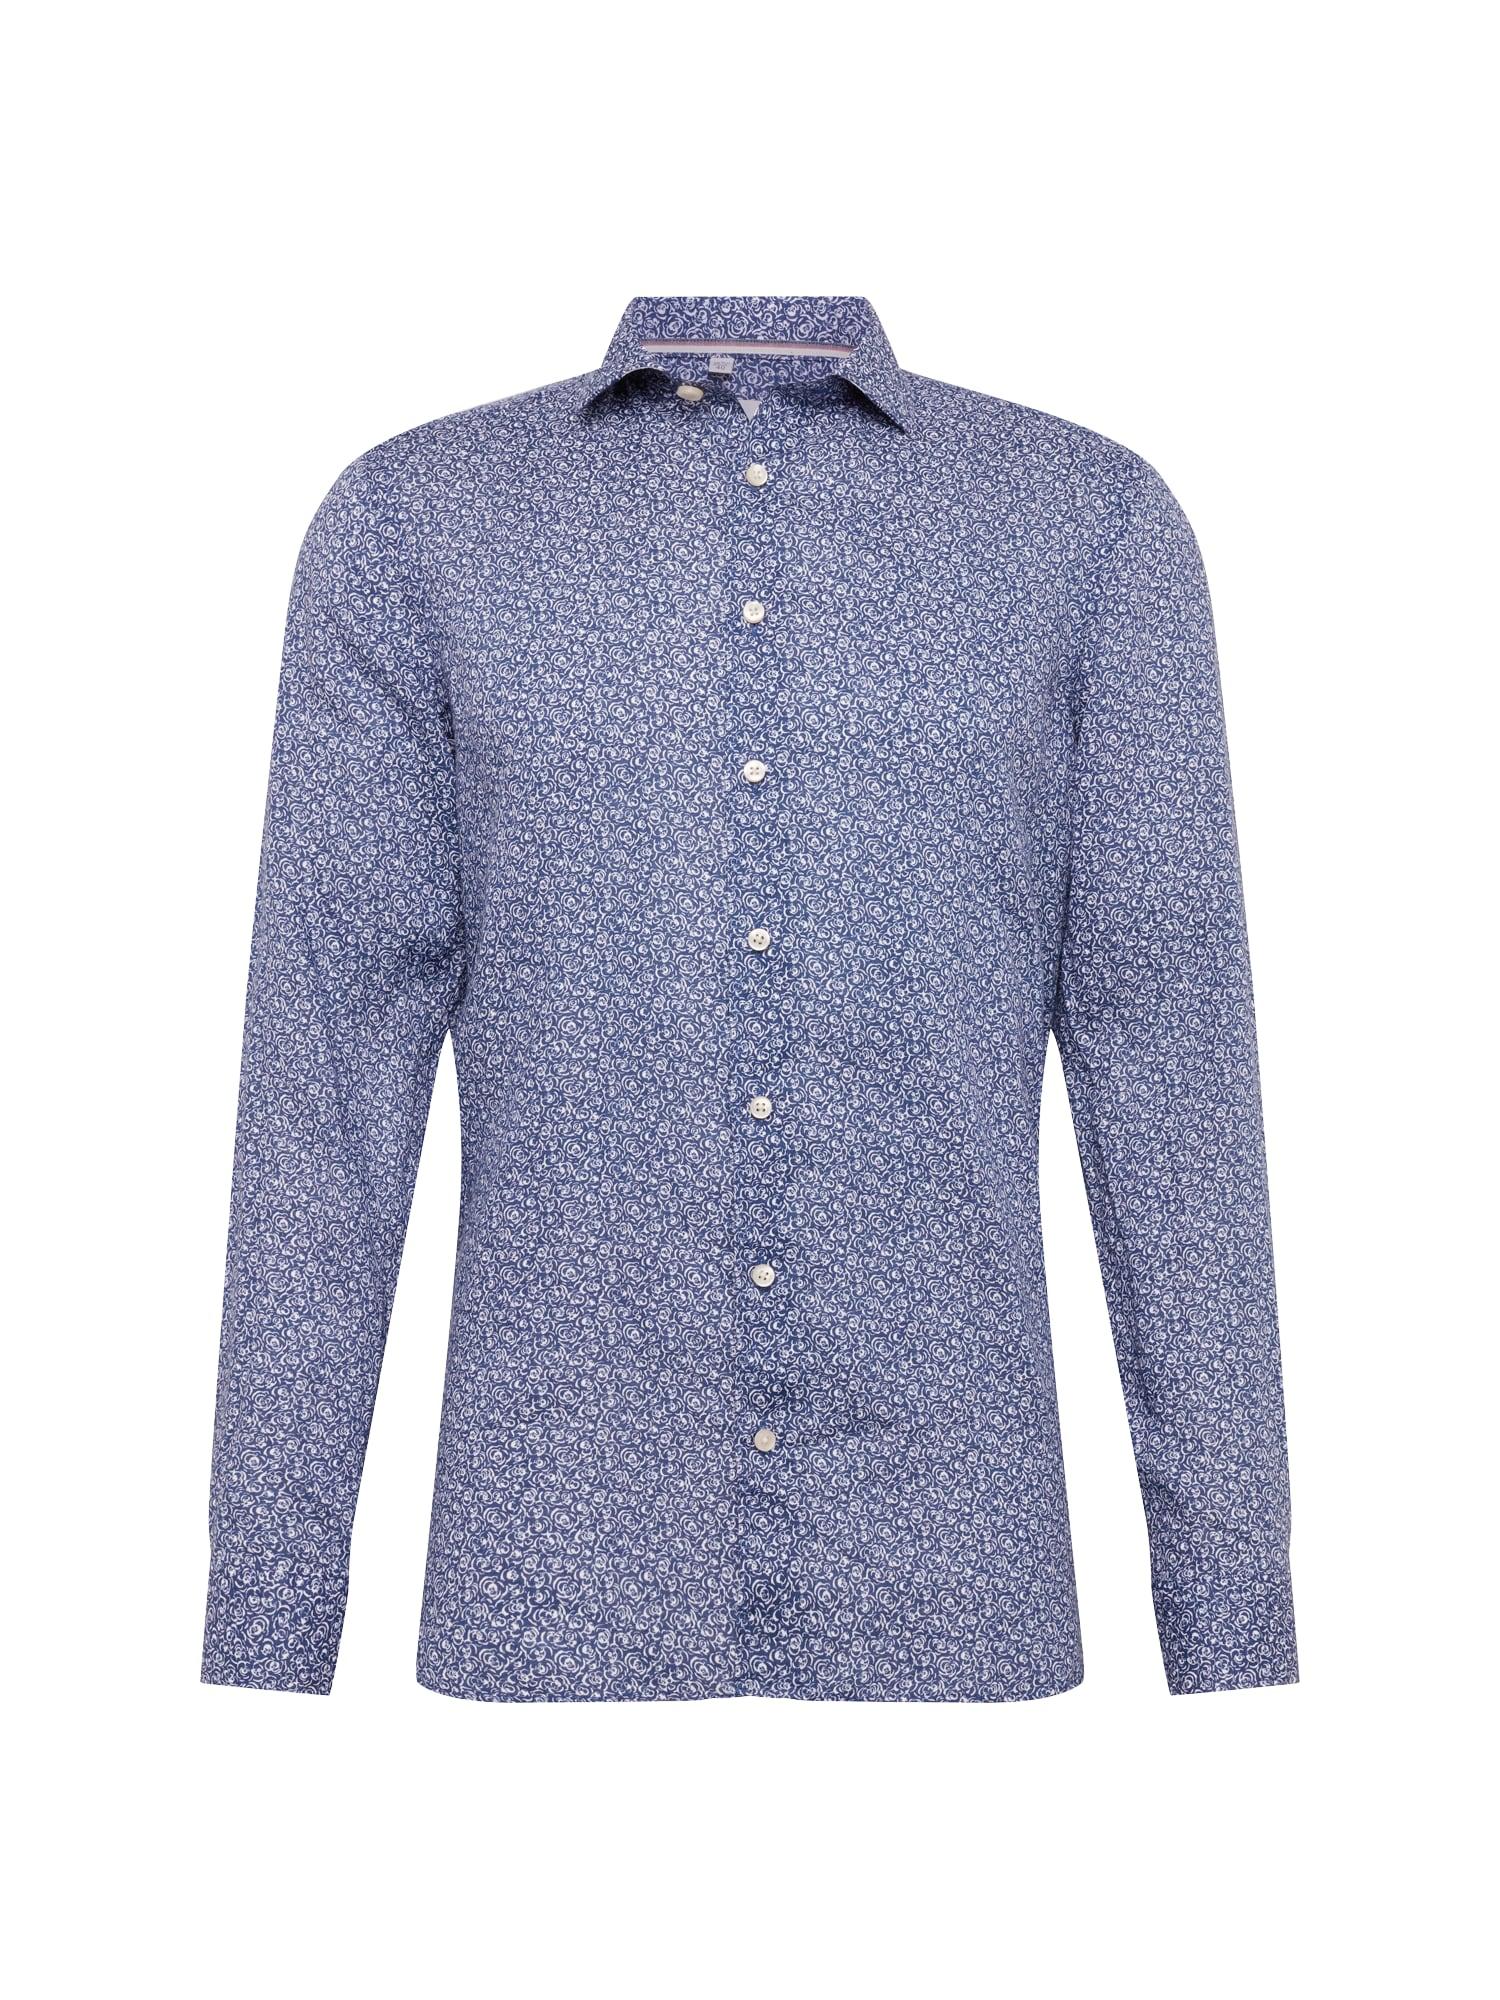 Košile Level 5 námořnická modř bílá OLYMP